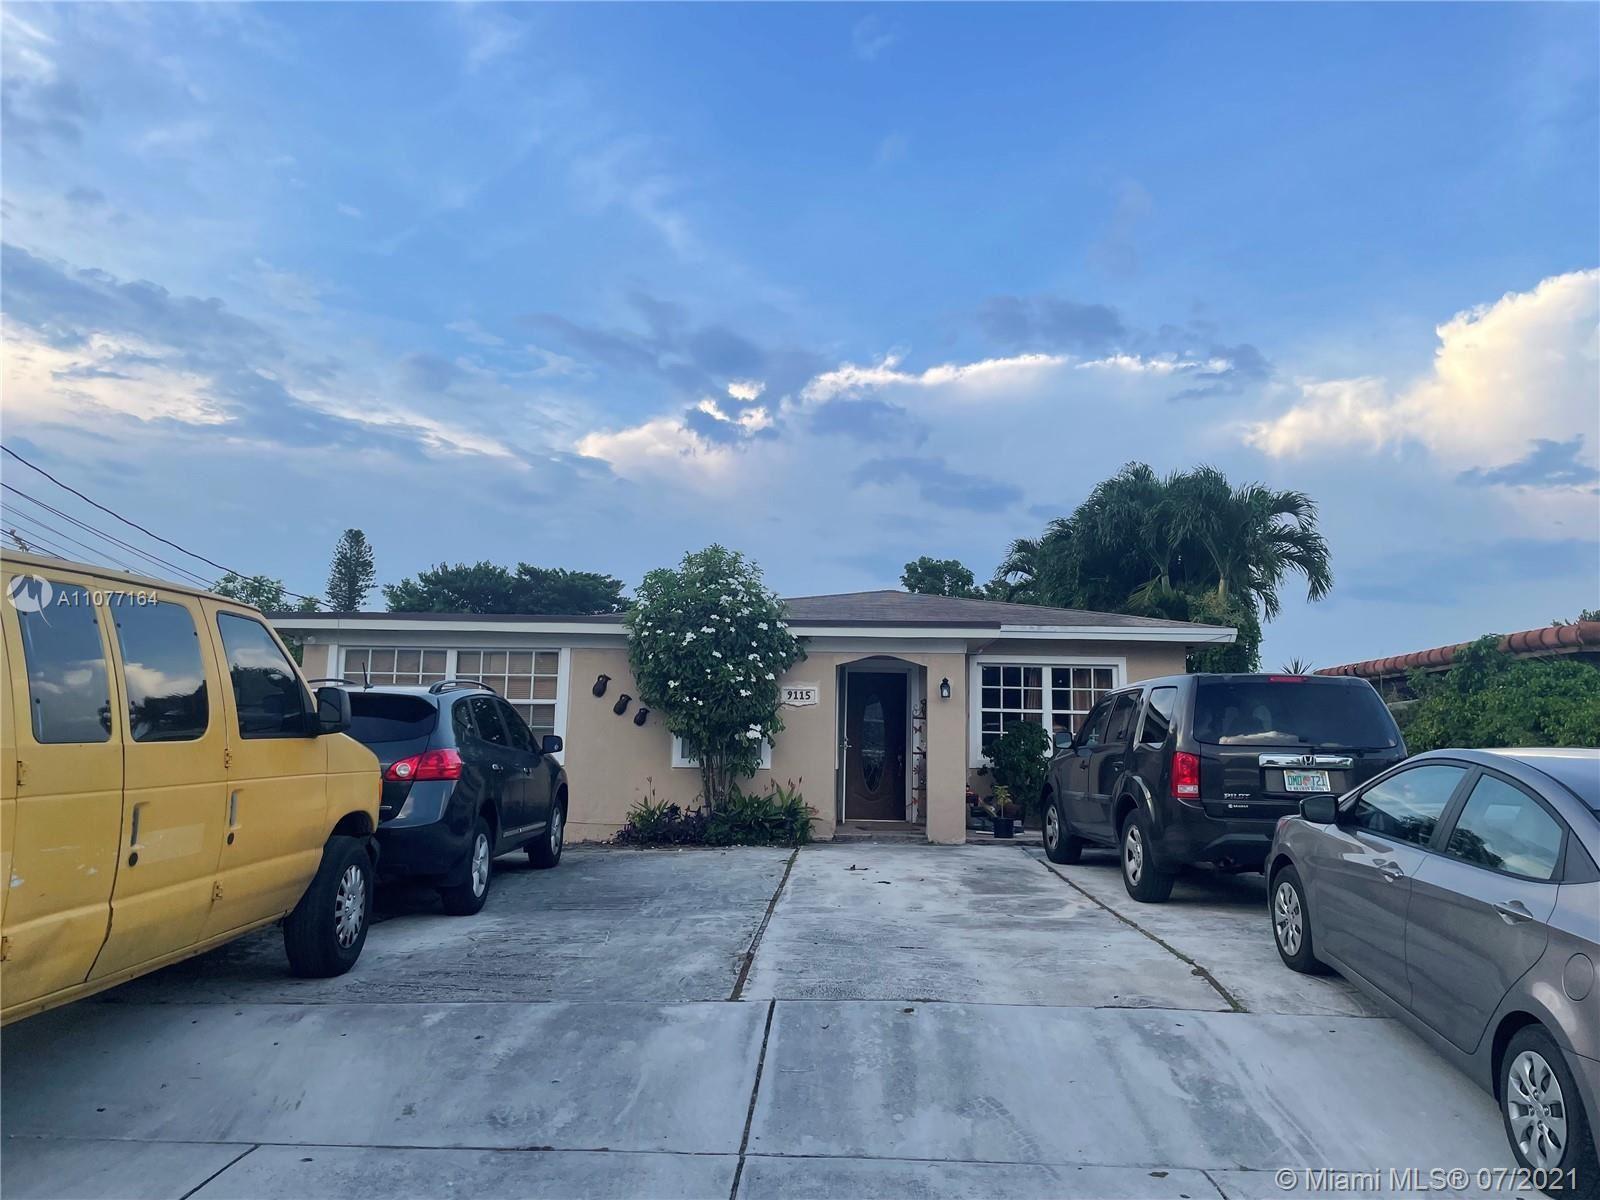 9115 SW 27th St, Miami, FL 33165 - MLS#: A11077164